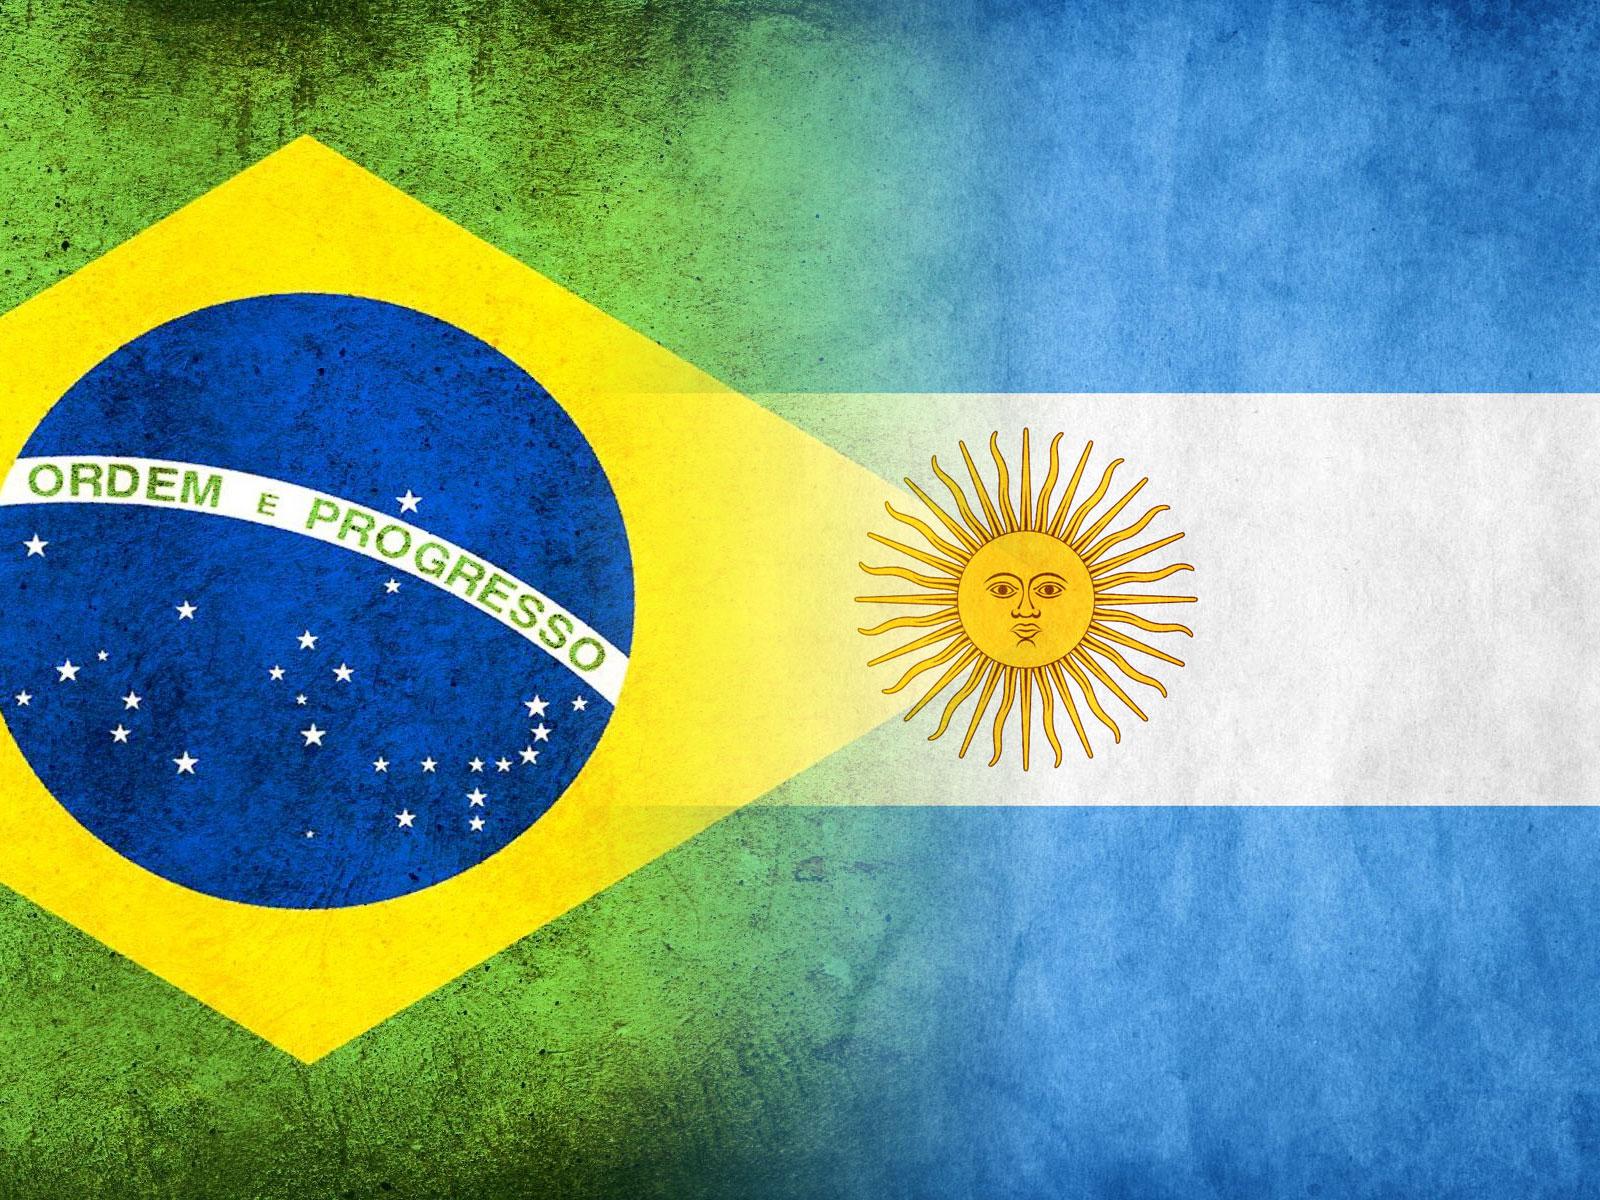 Se pudessem, argentinos escolheriam o Brasil para viver, aponta pesquisa